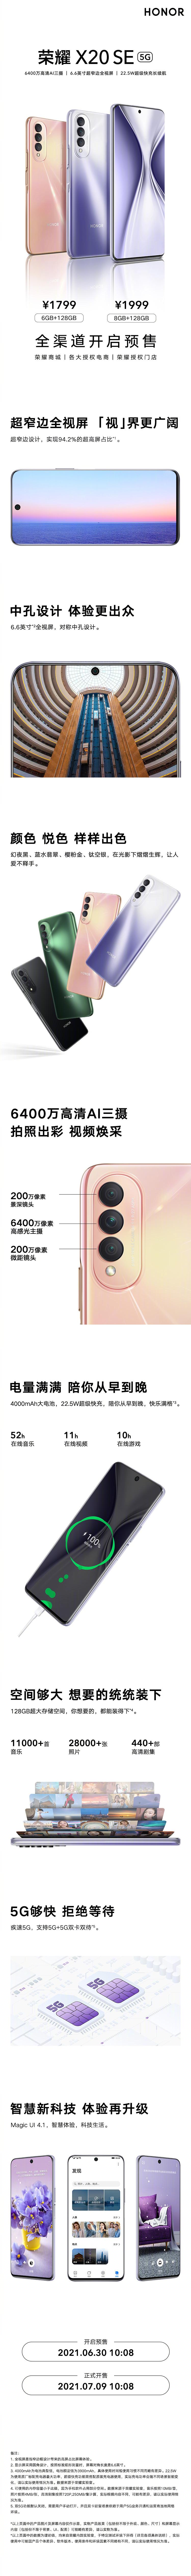 1799 元起,荣耀 X20 SE 正式发布:6400 万高清三摄